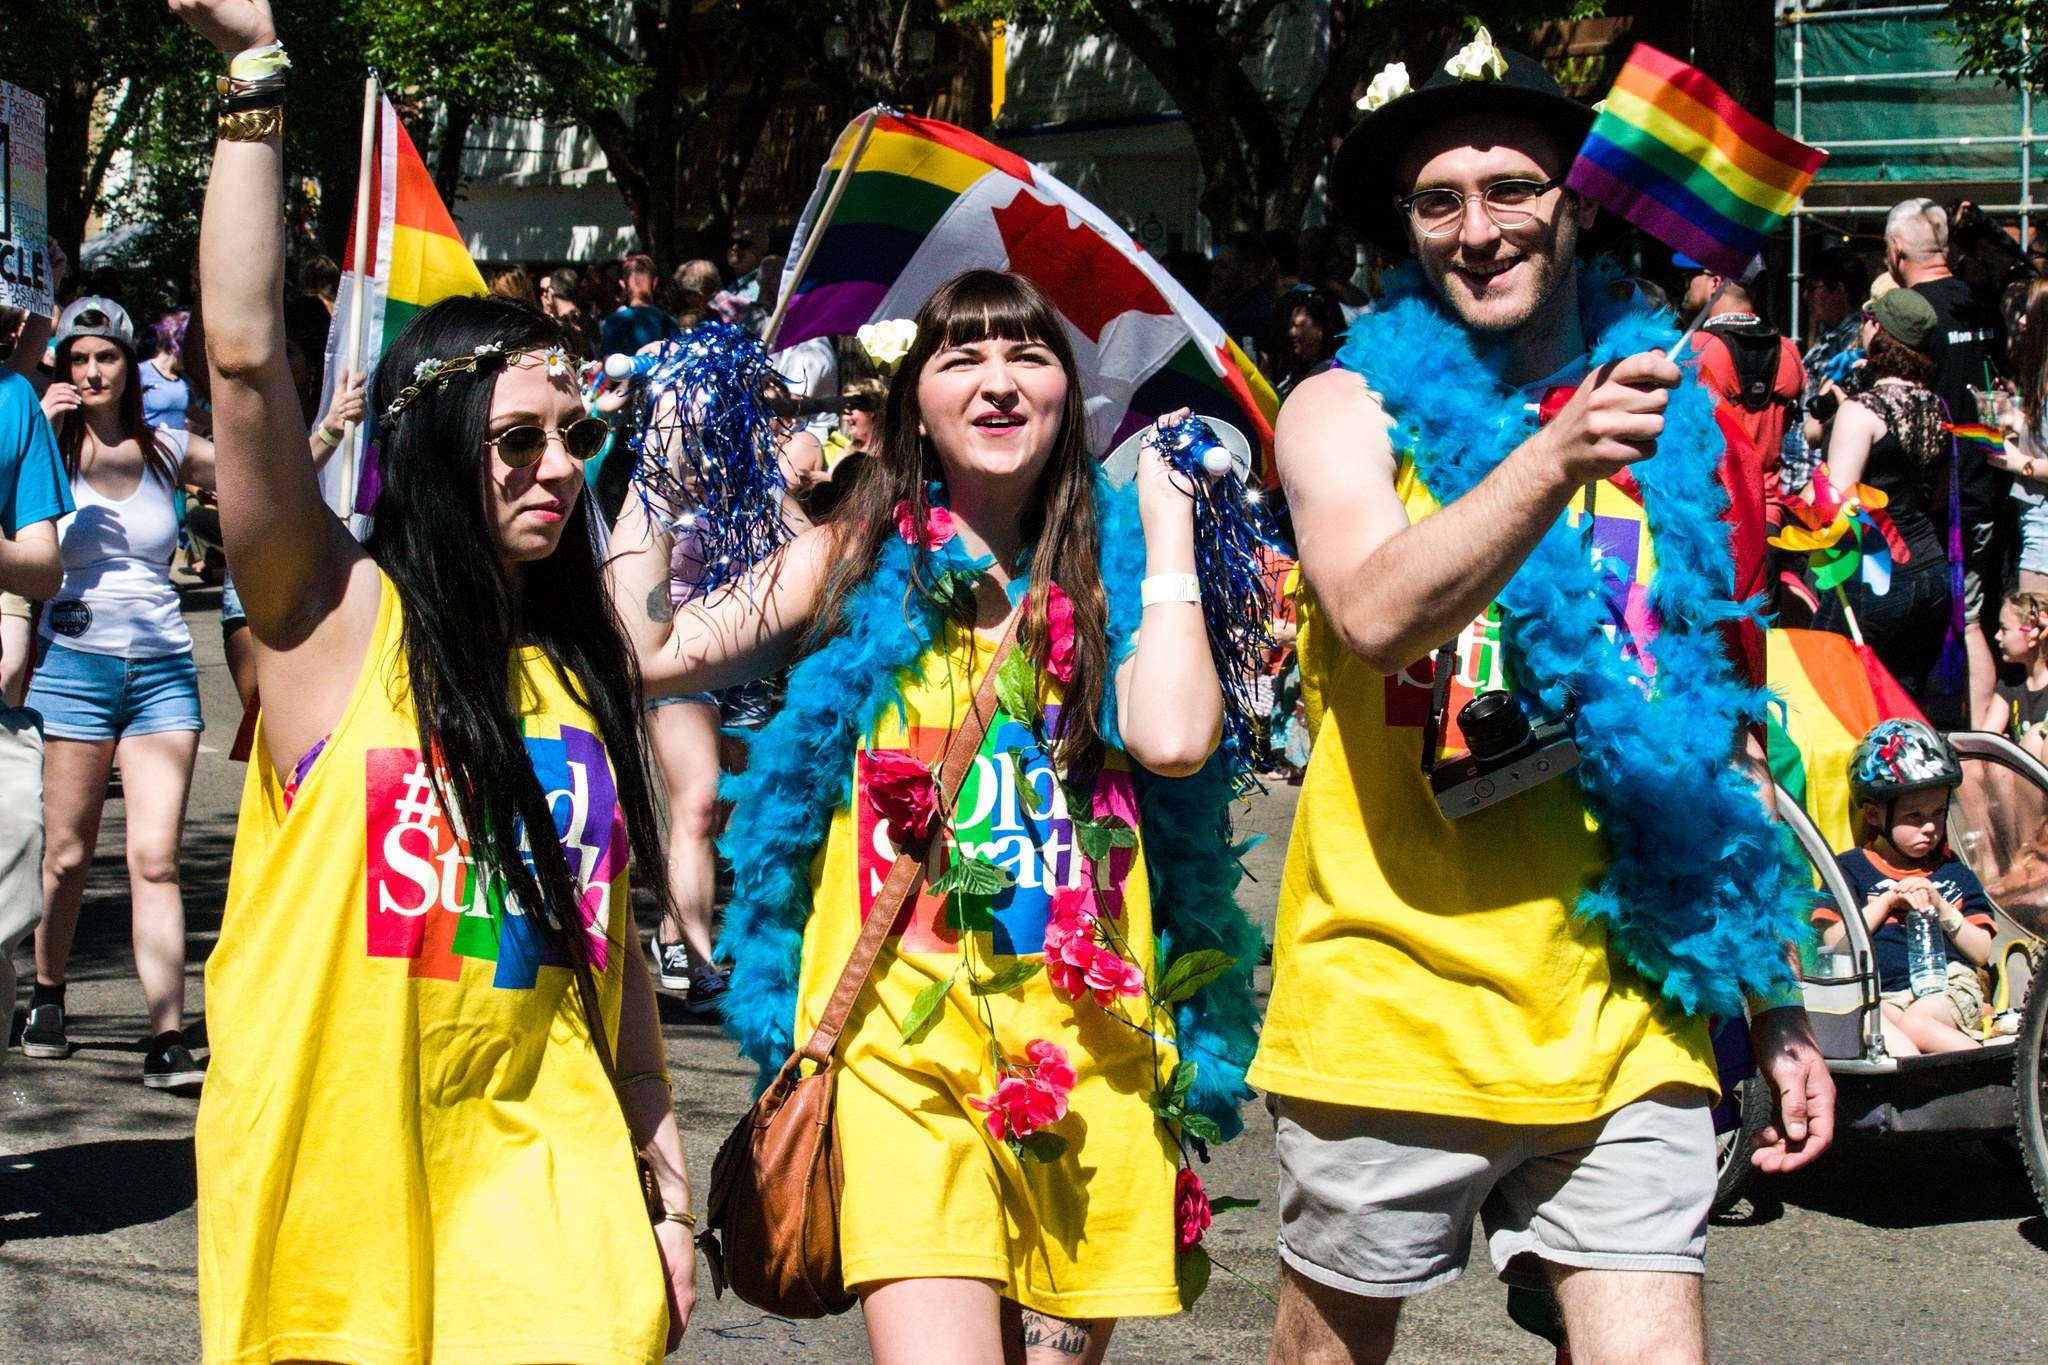 pride parade3 Edmonton Pride Parade 2016